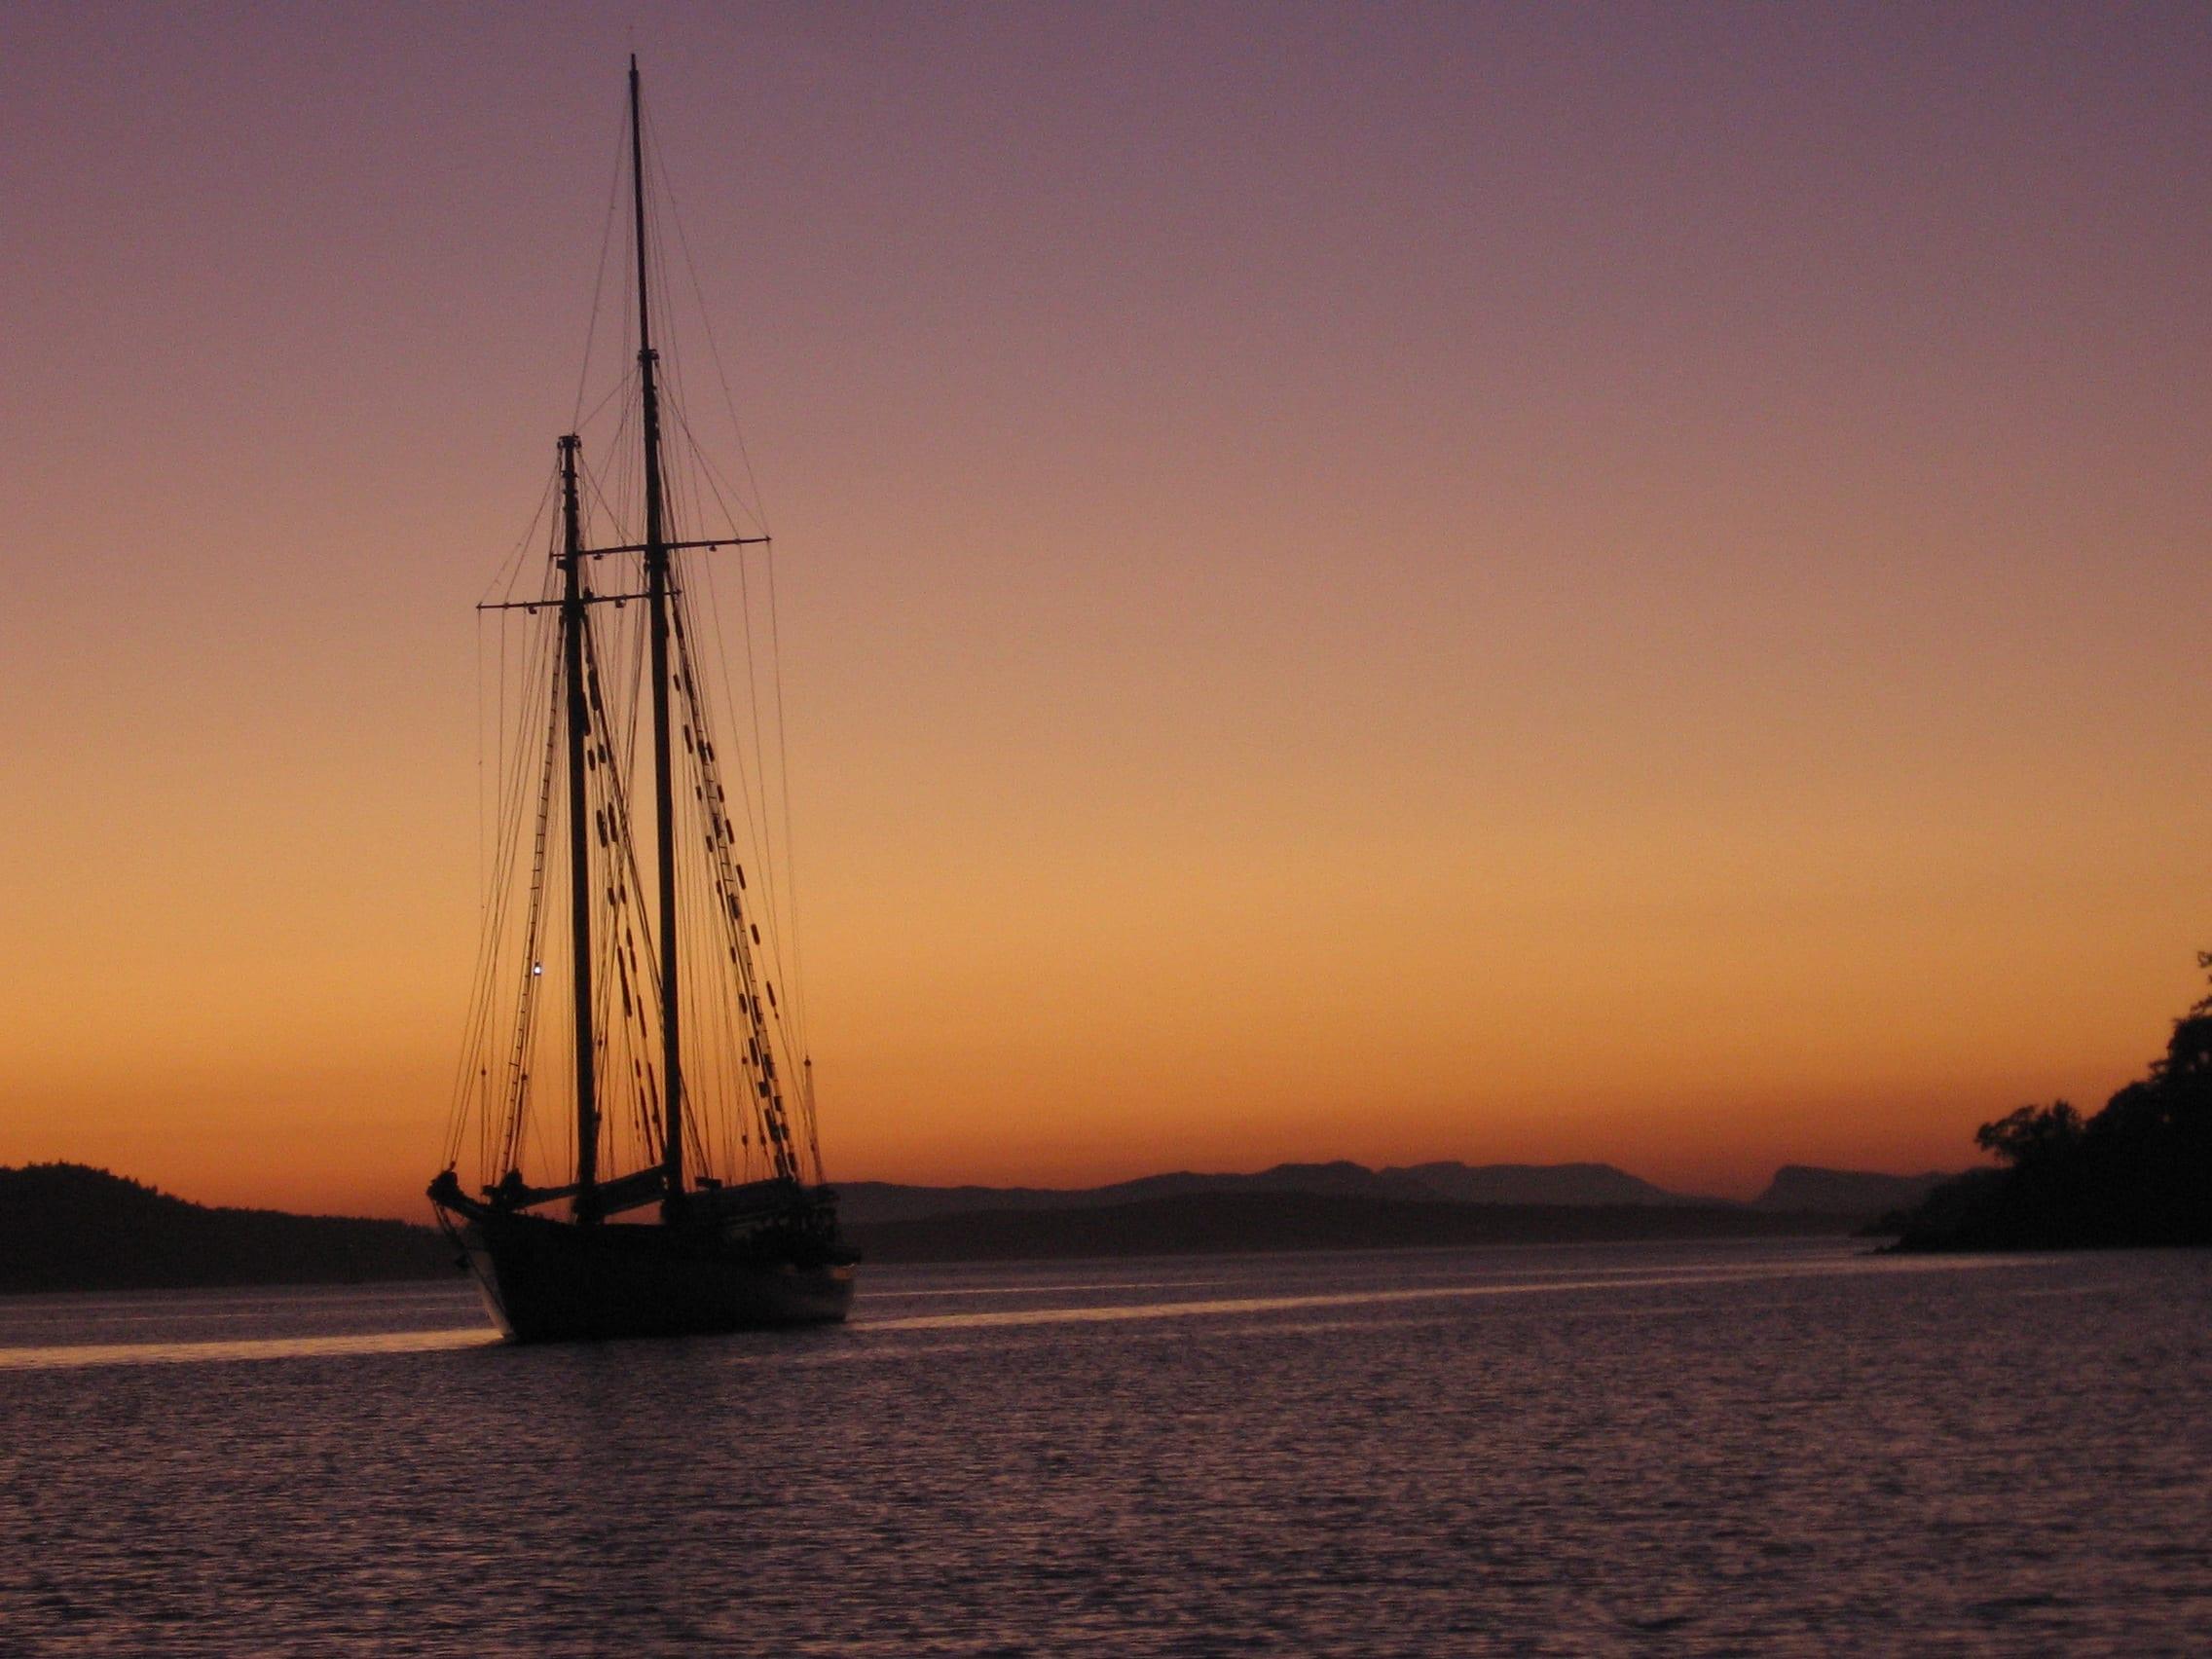 Sunset at Parks Bay, San Juan Islands